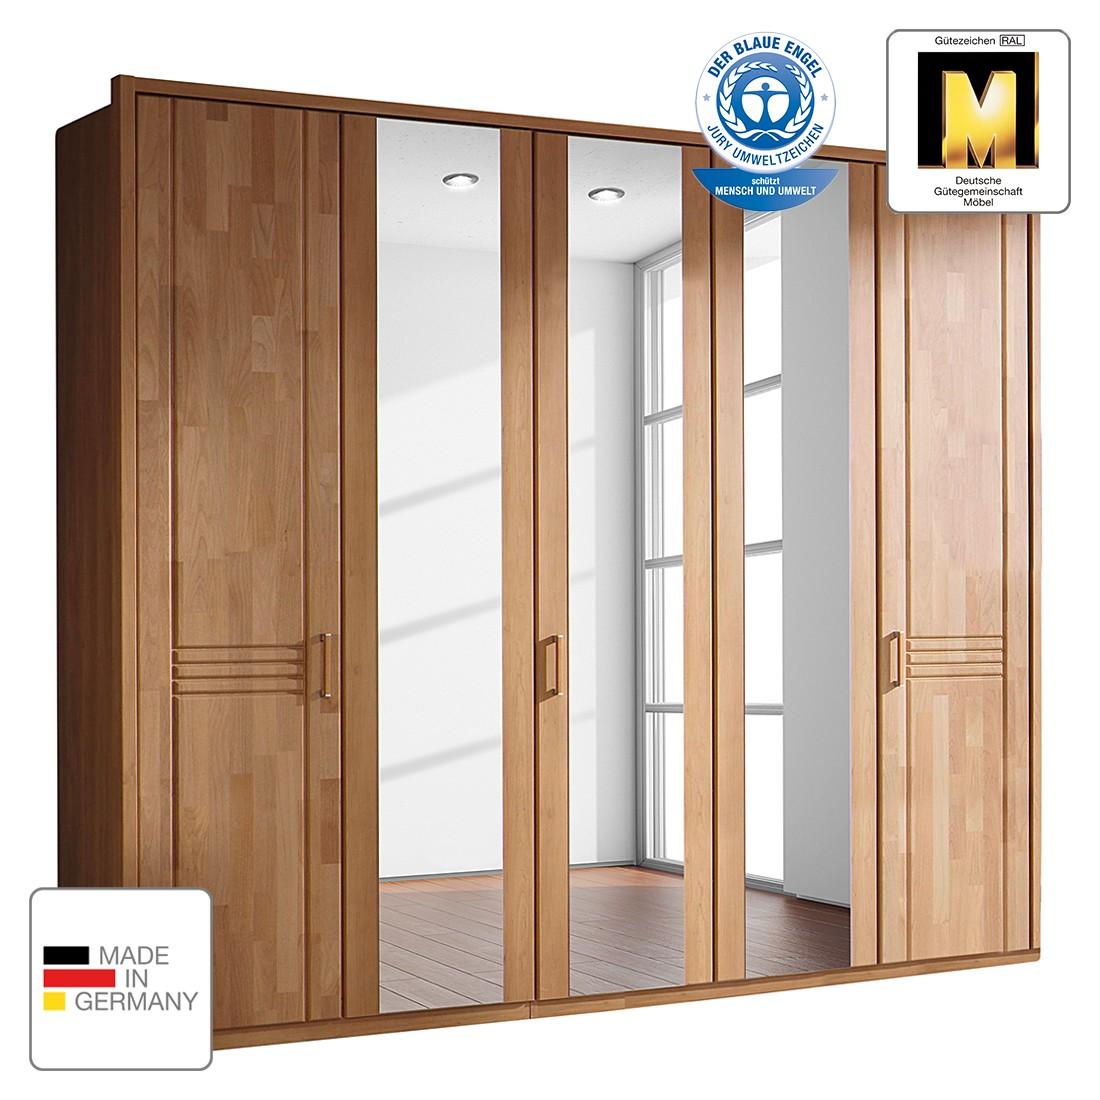 goedkoop Draaideurkast Savina Els 235cm 5 deurs 3 spiegeldeuren Met Passe partout lijst Rauch Steffen